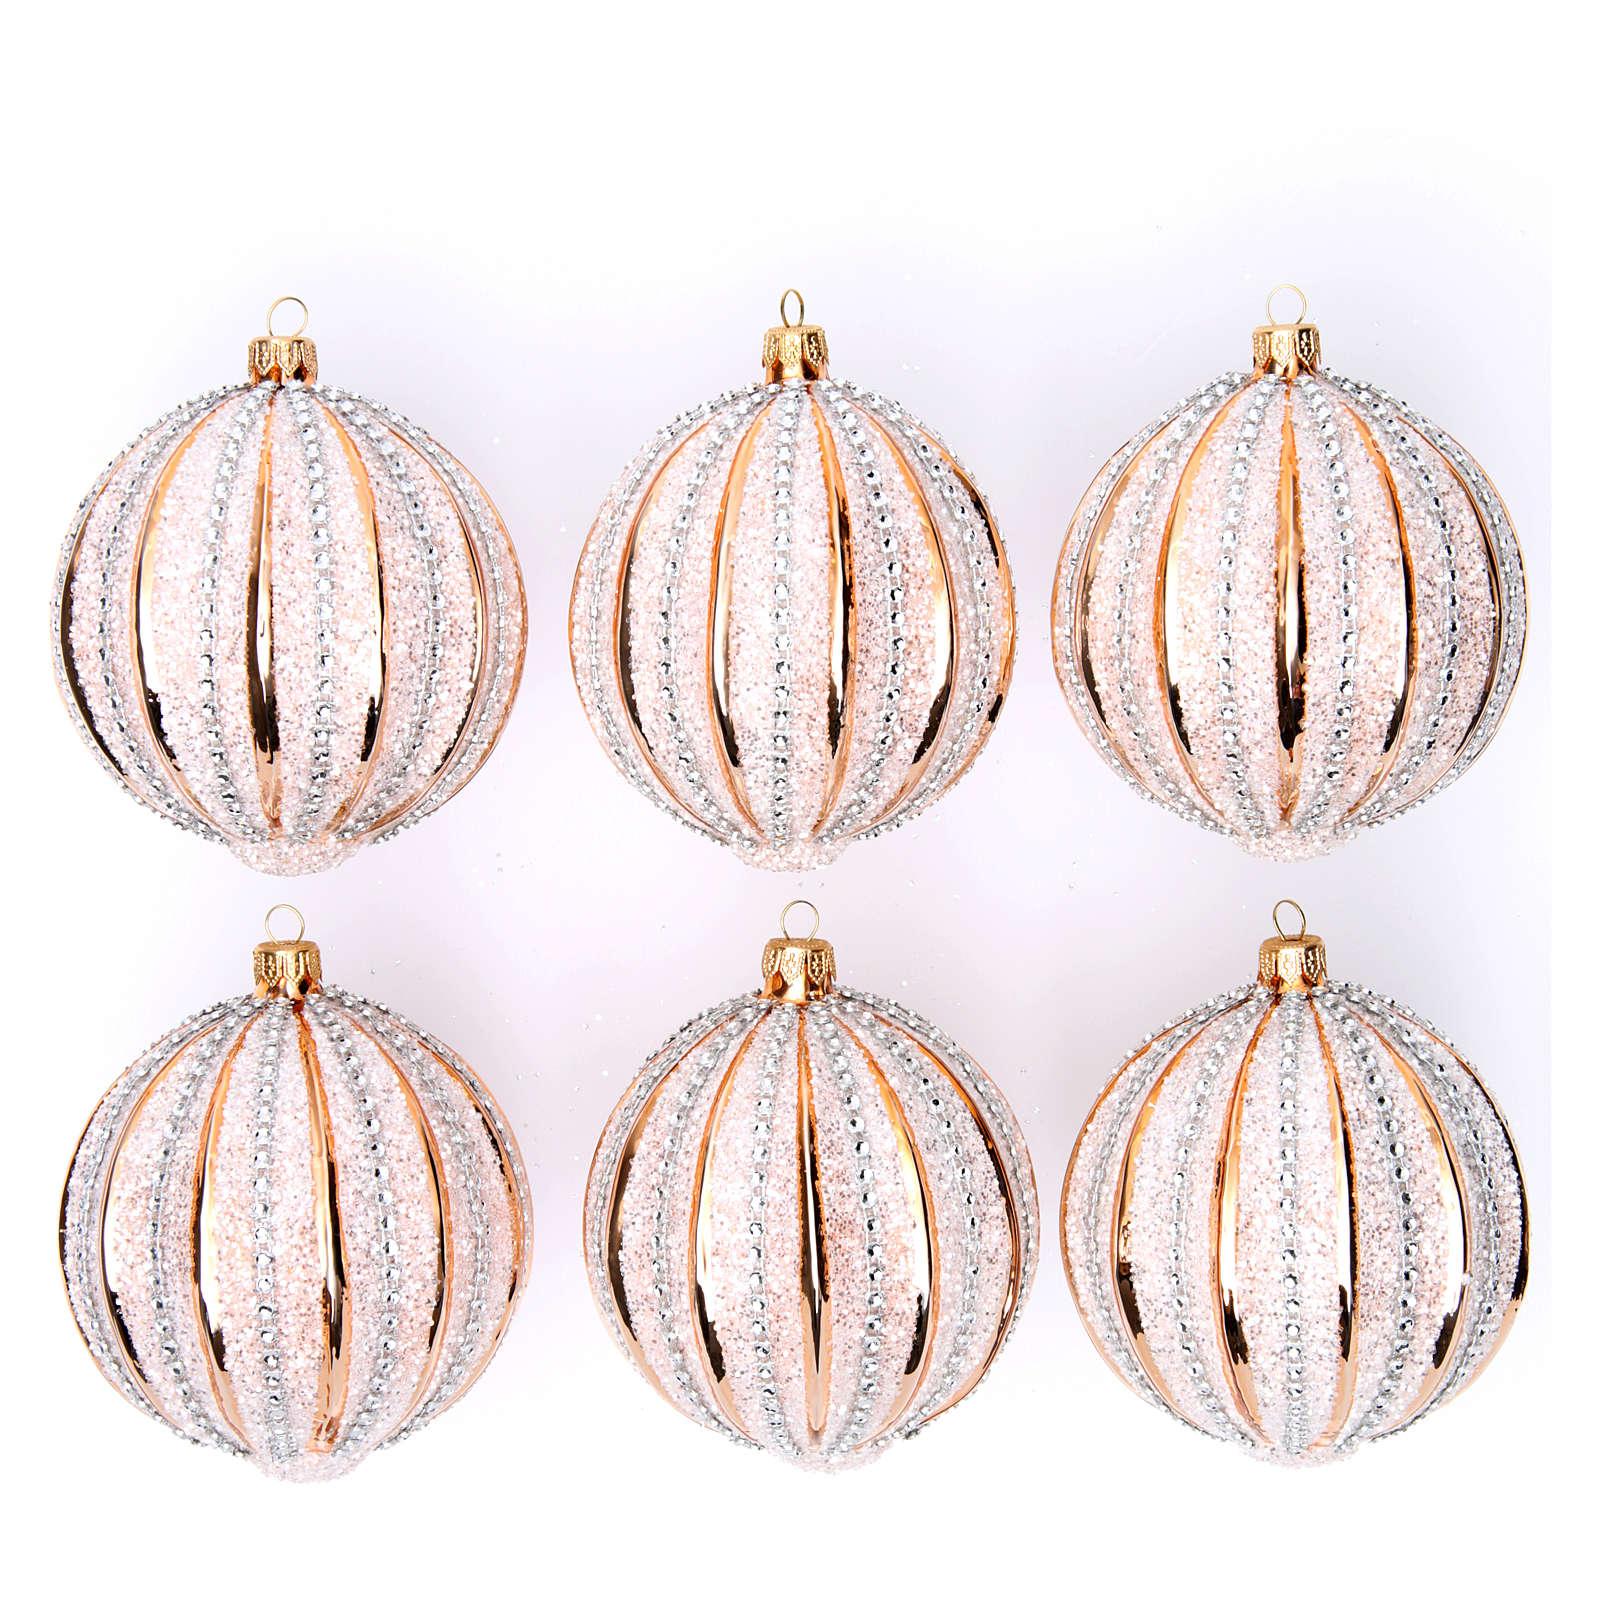 Bolas de vidrio Árbol de Navidad oro y purpurina 100 mm 6 piezas 4